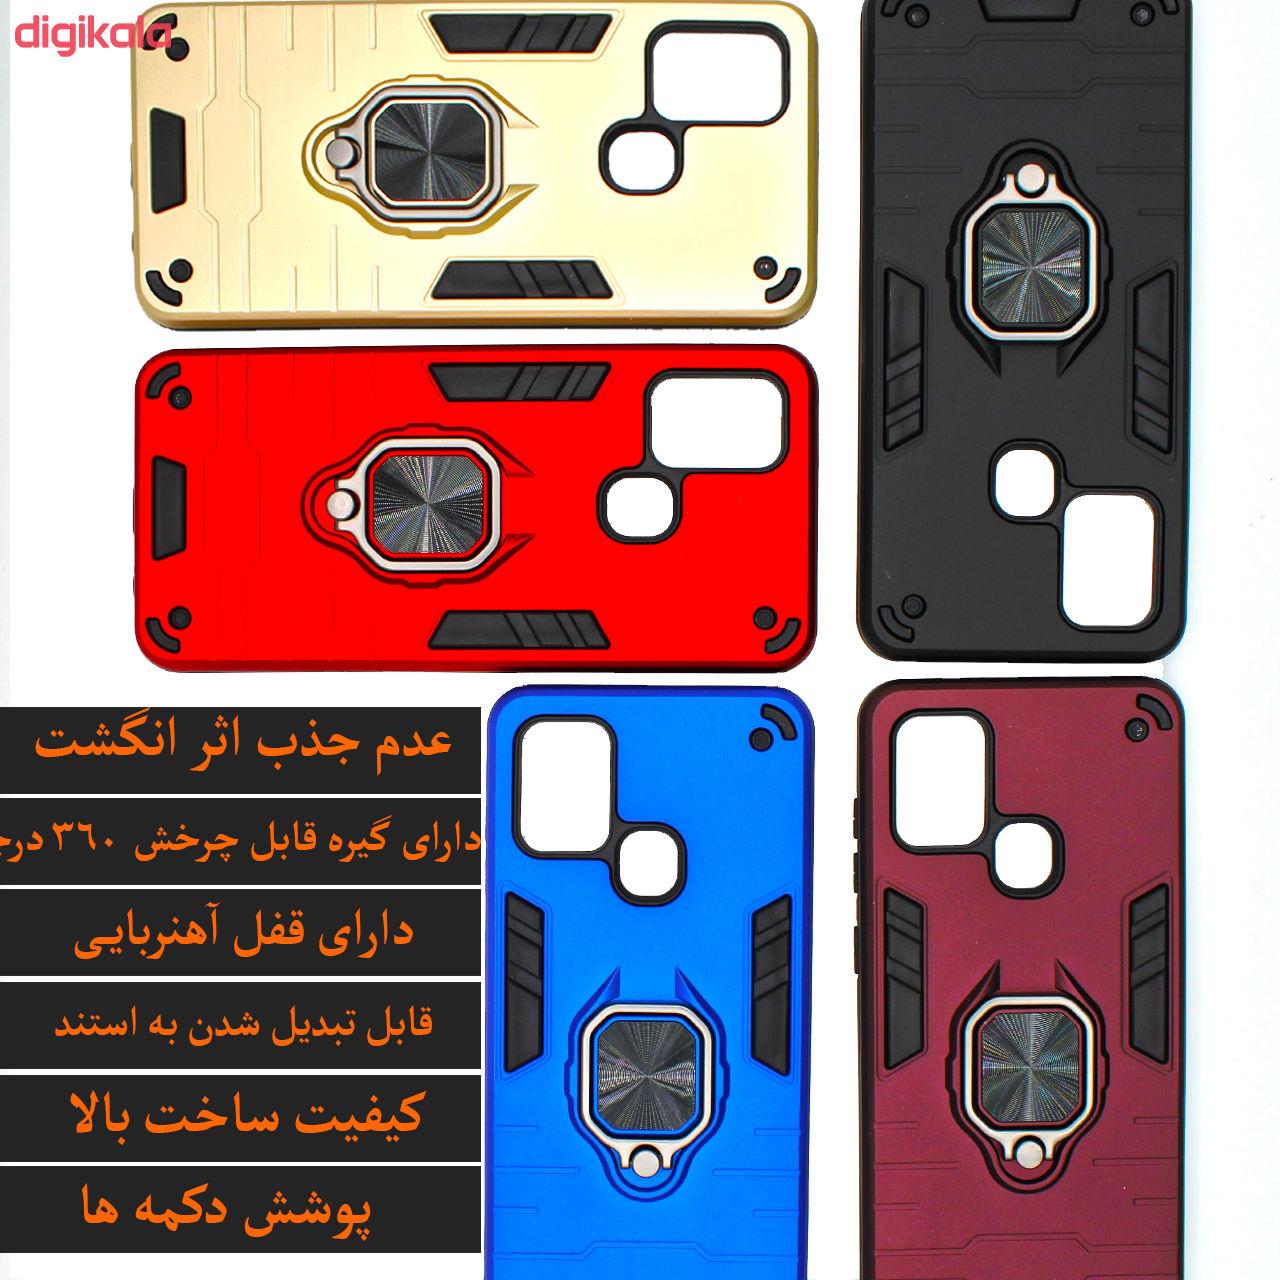 کاور کینگ پاور مدل ASH22 مناسب برای گوشی موبایل سامسونگ Galaxy A21S main 1 2